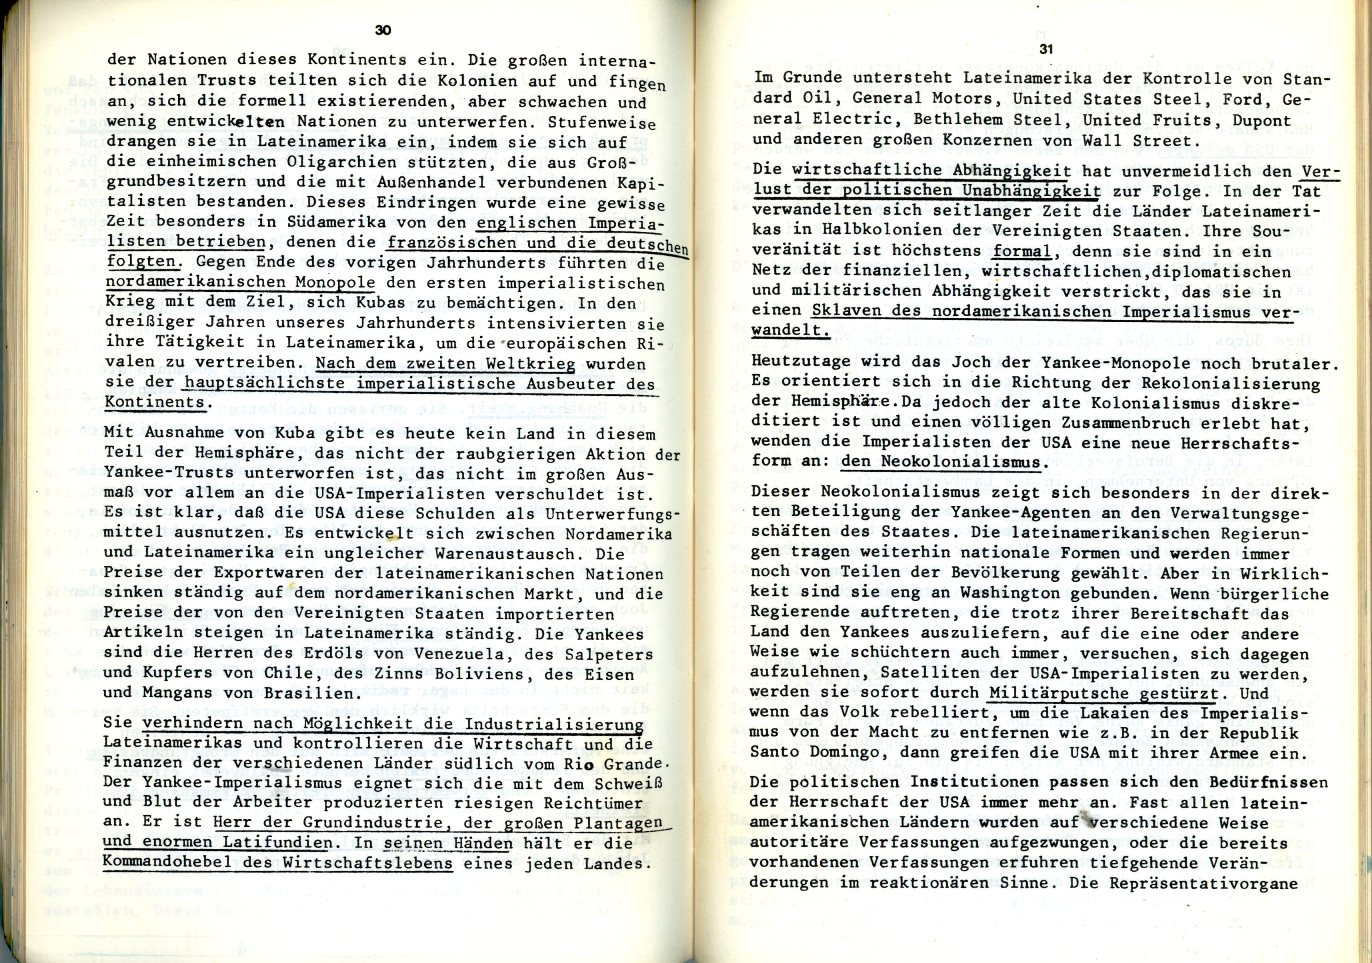 MLSK_Theorie_und_Praxis_des_ML_1978_20_24